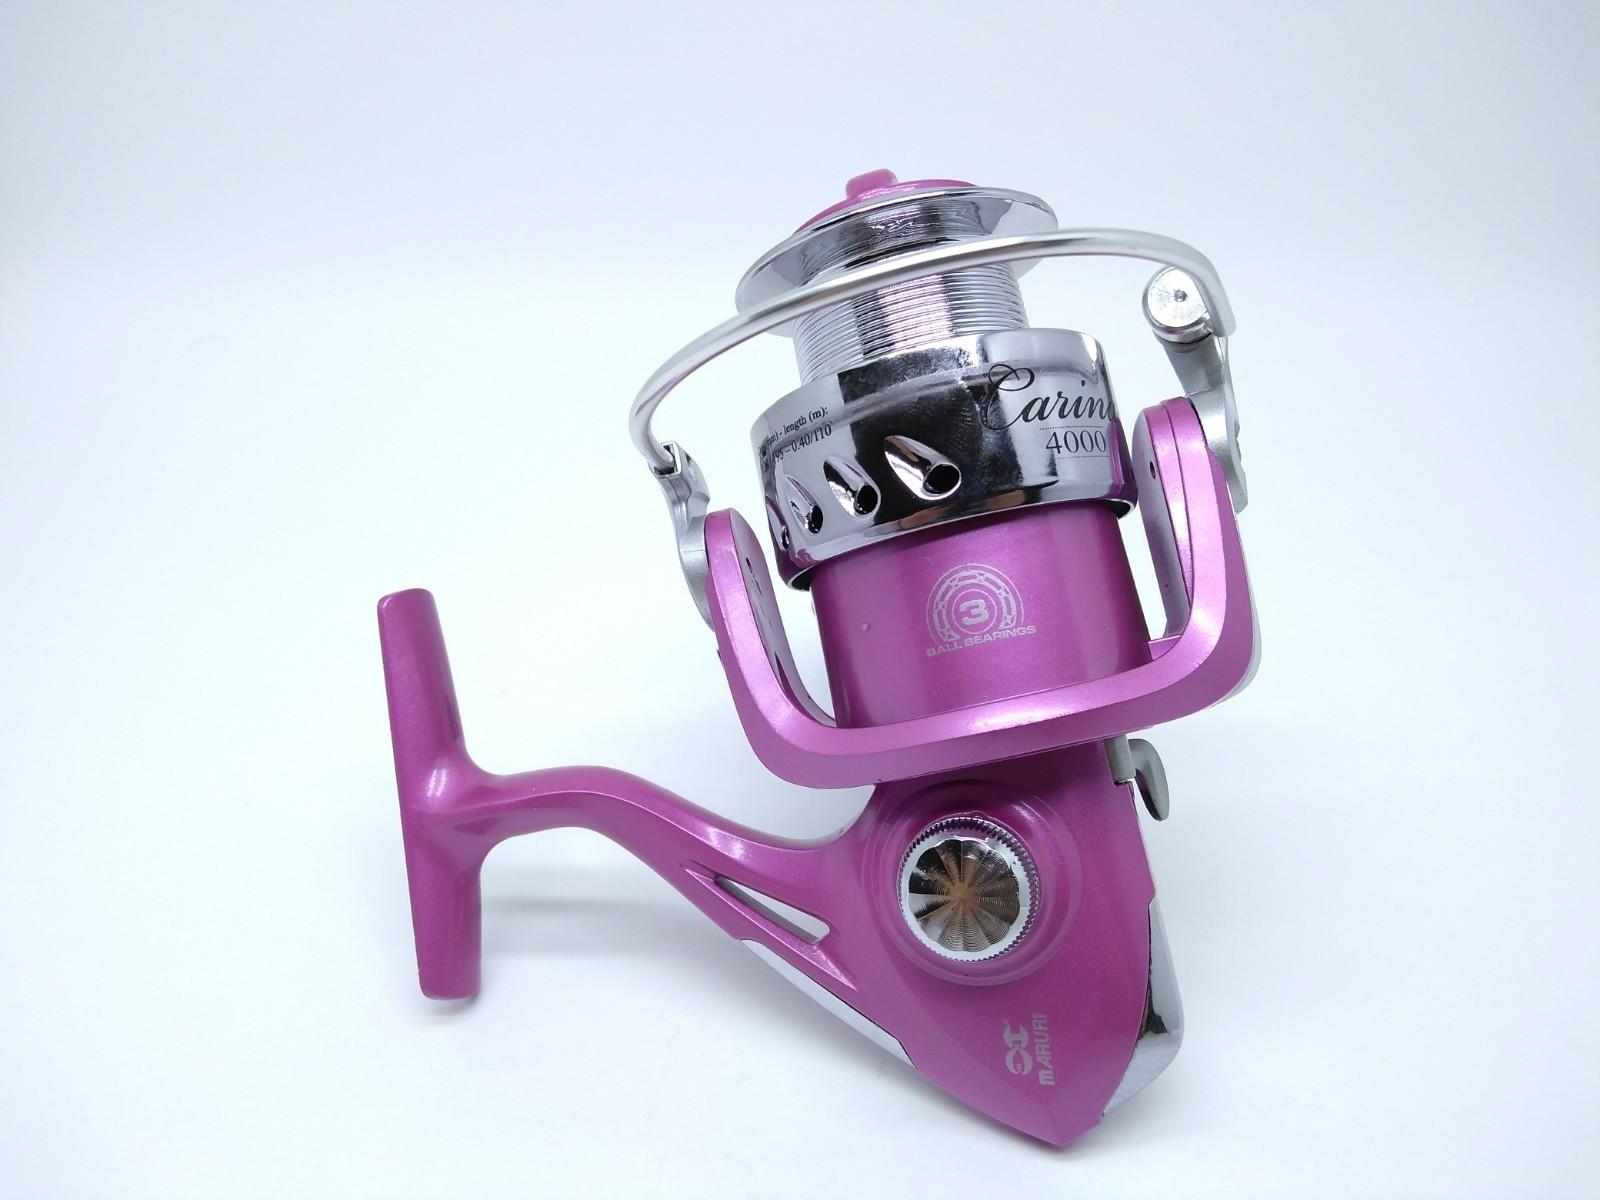 Molinete Maruri Carina 4000 Rosa - 3 Rolamentos  - Life Pesca - Sua loja de Pesca, Camping e Lazer